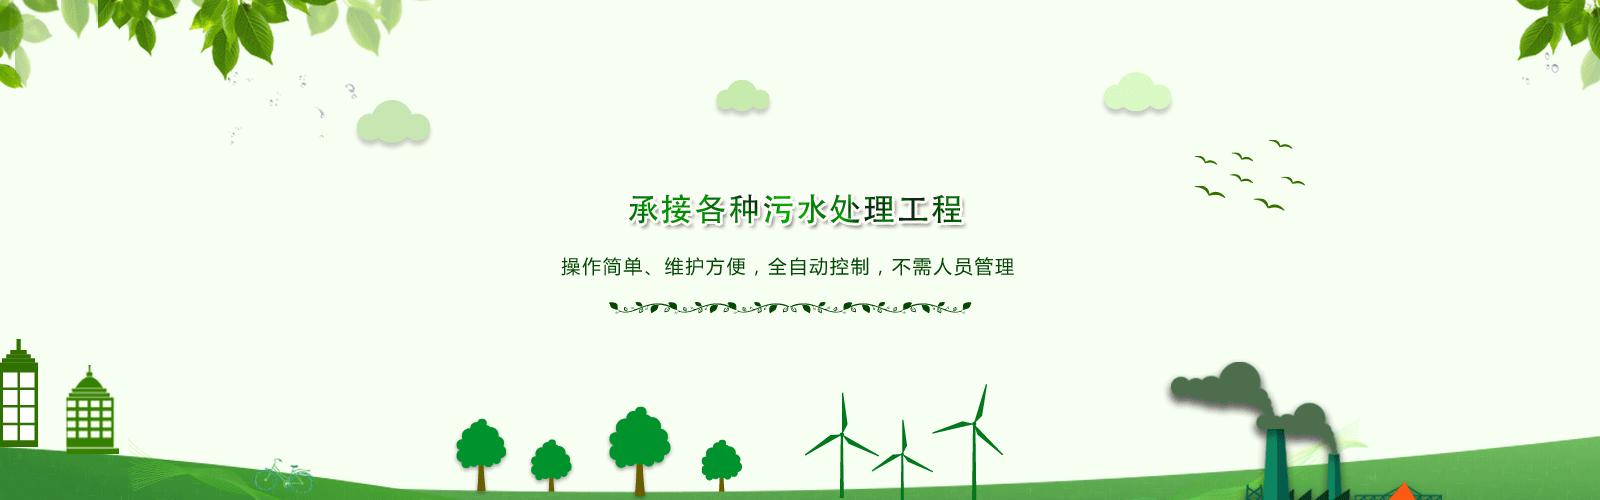 工业新浪爱彩